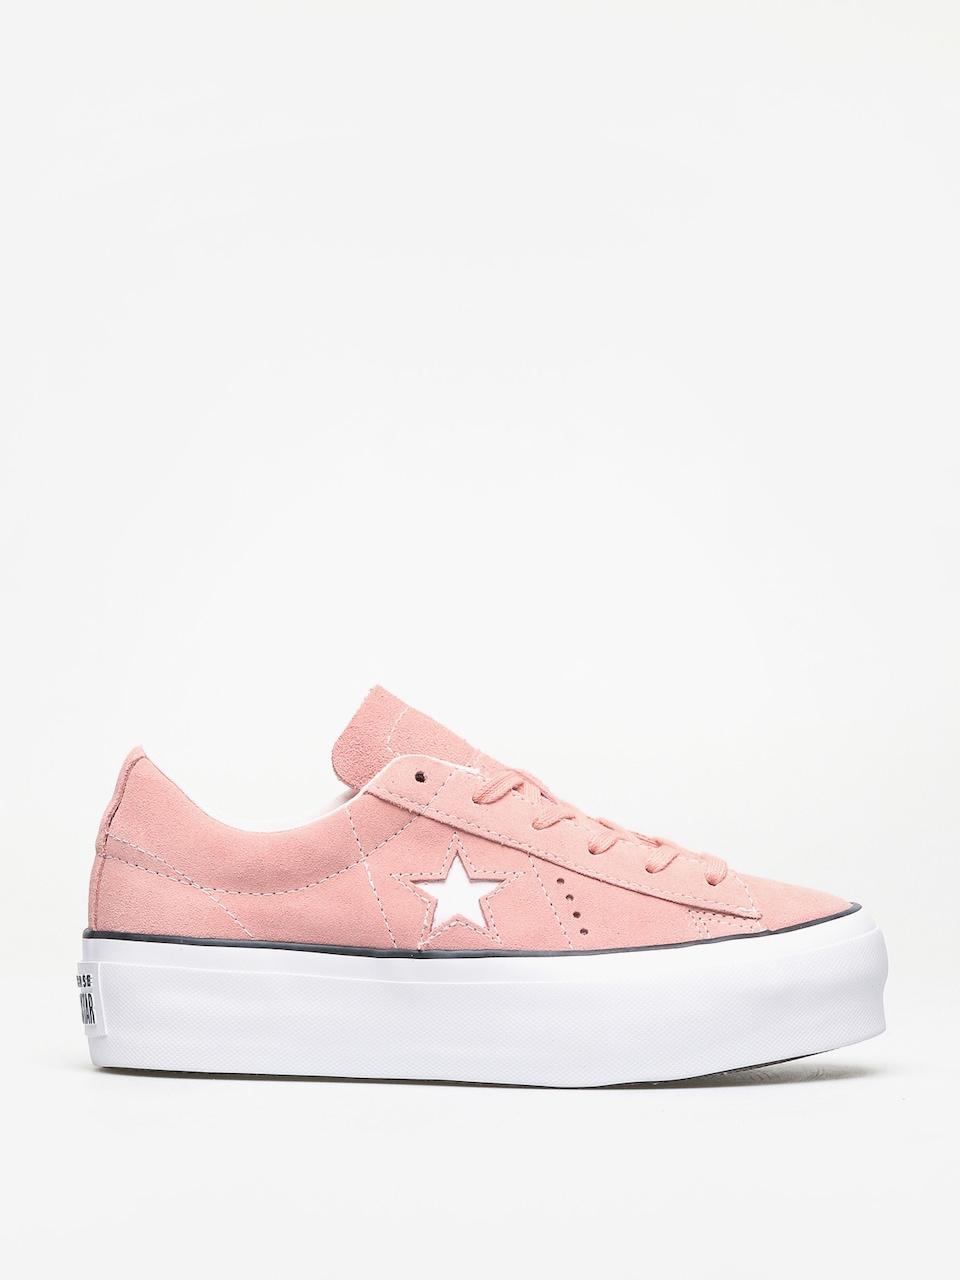 white converse one star platform